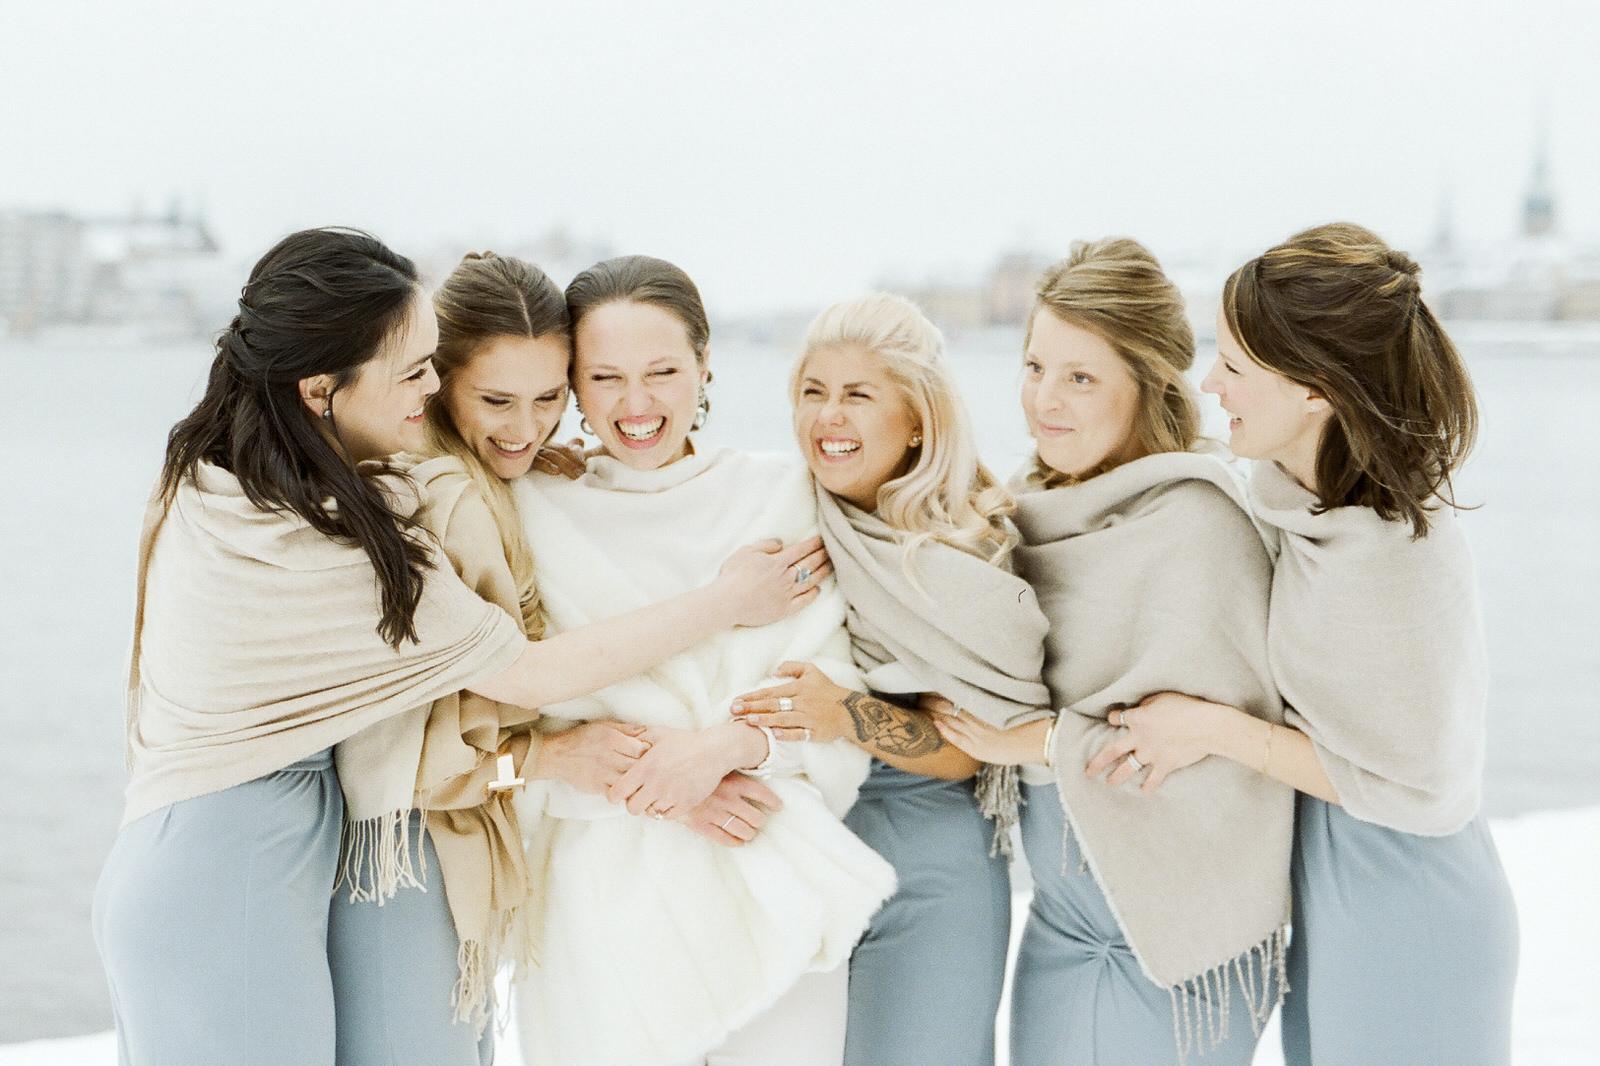 Family photos during a wedding day